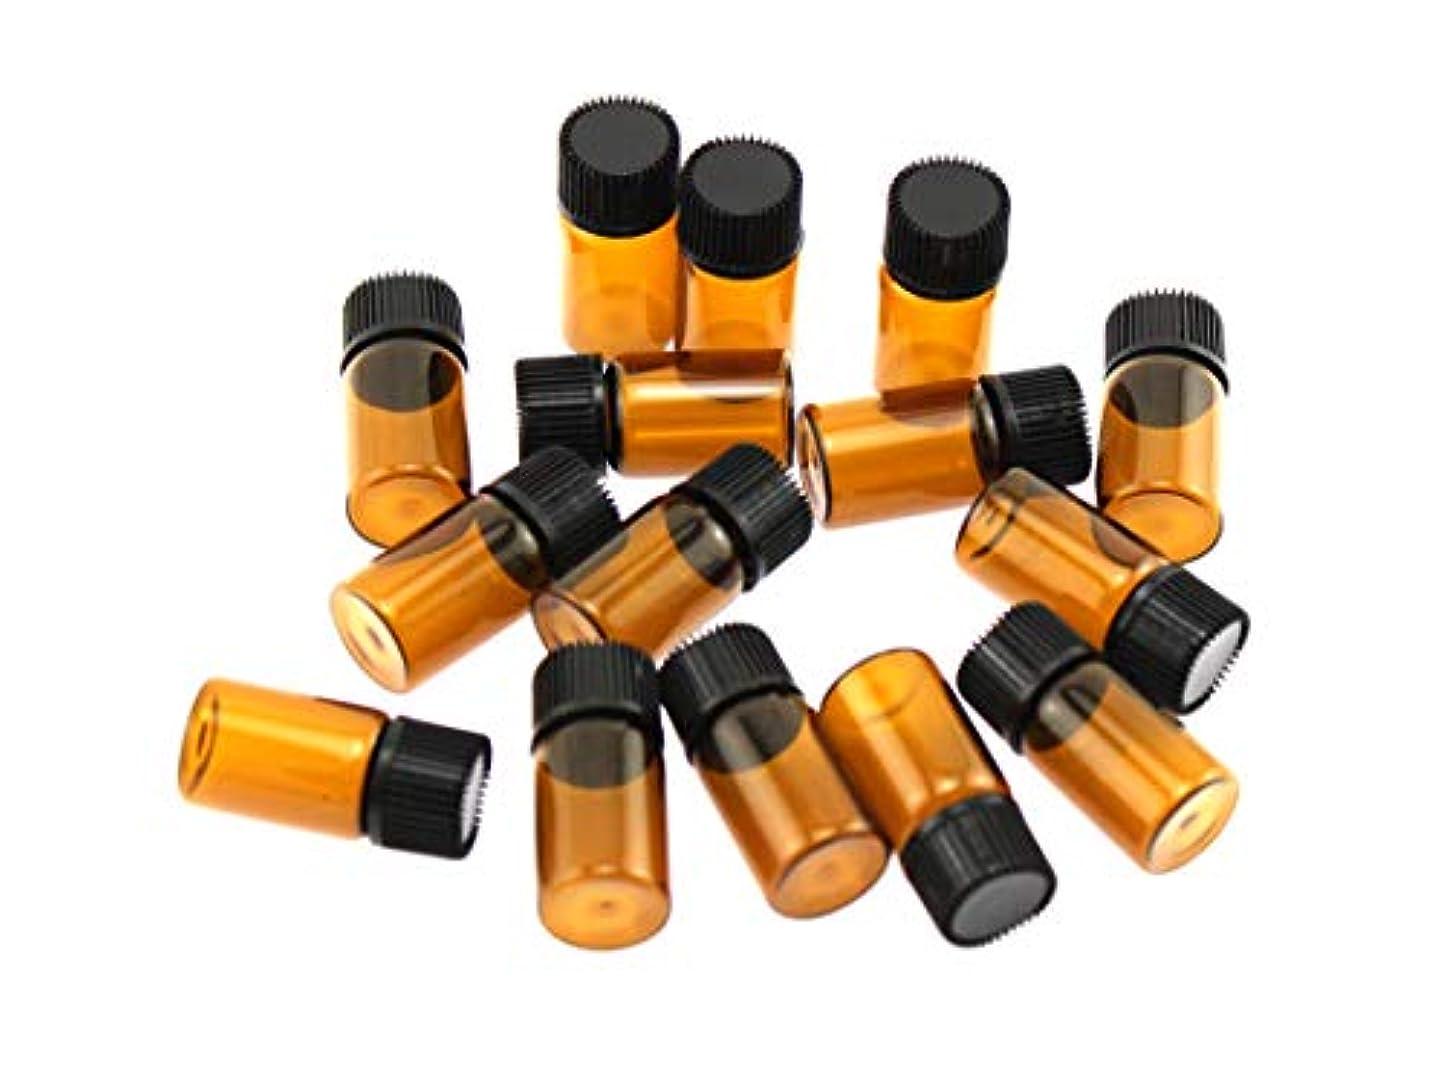 Olive-G アロマオイル エッセンシャルオイル 保存 小分け用 ガラスボトル 遮光タイプ 15本セット ブラウン